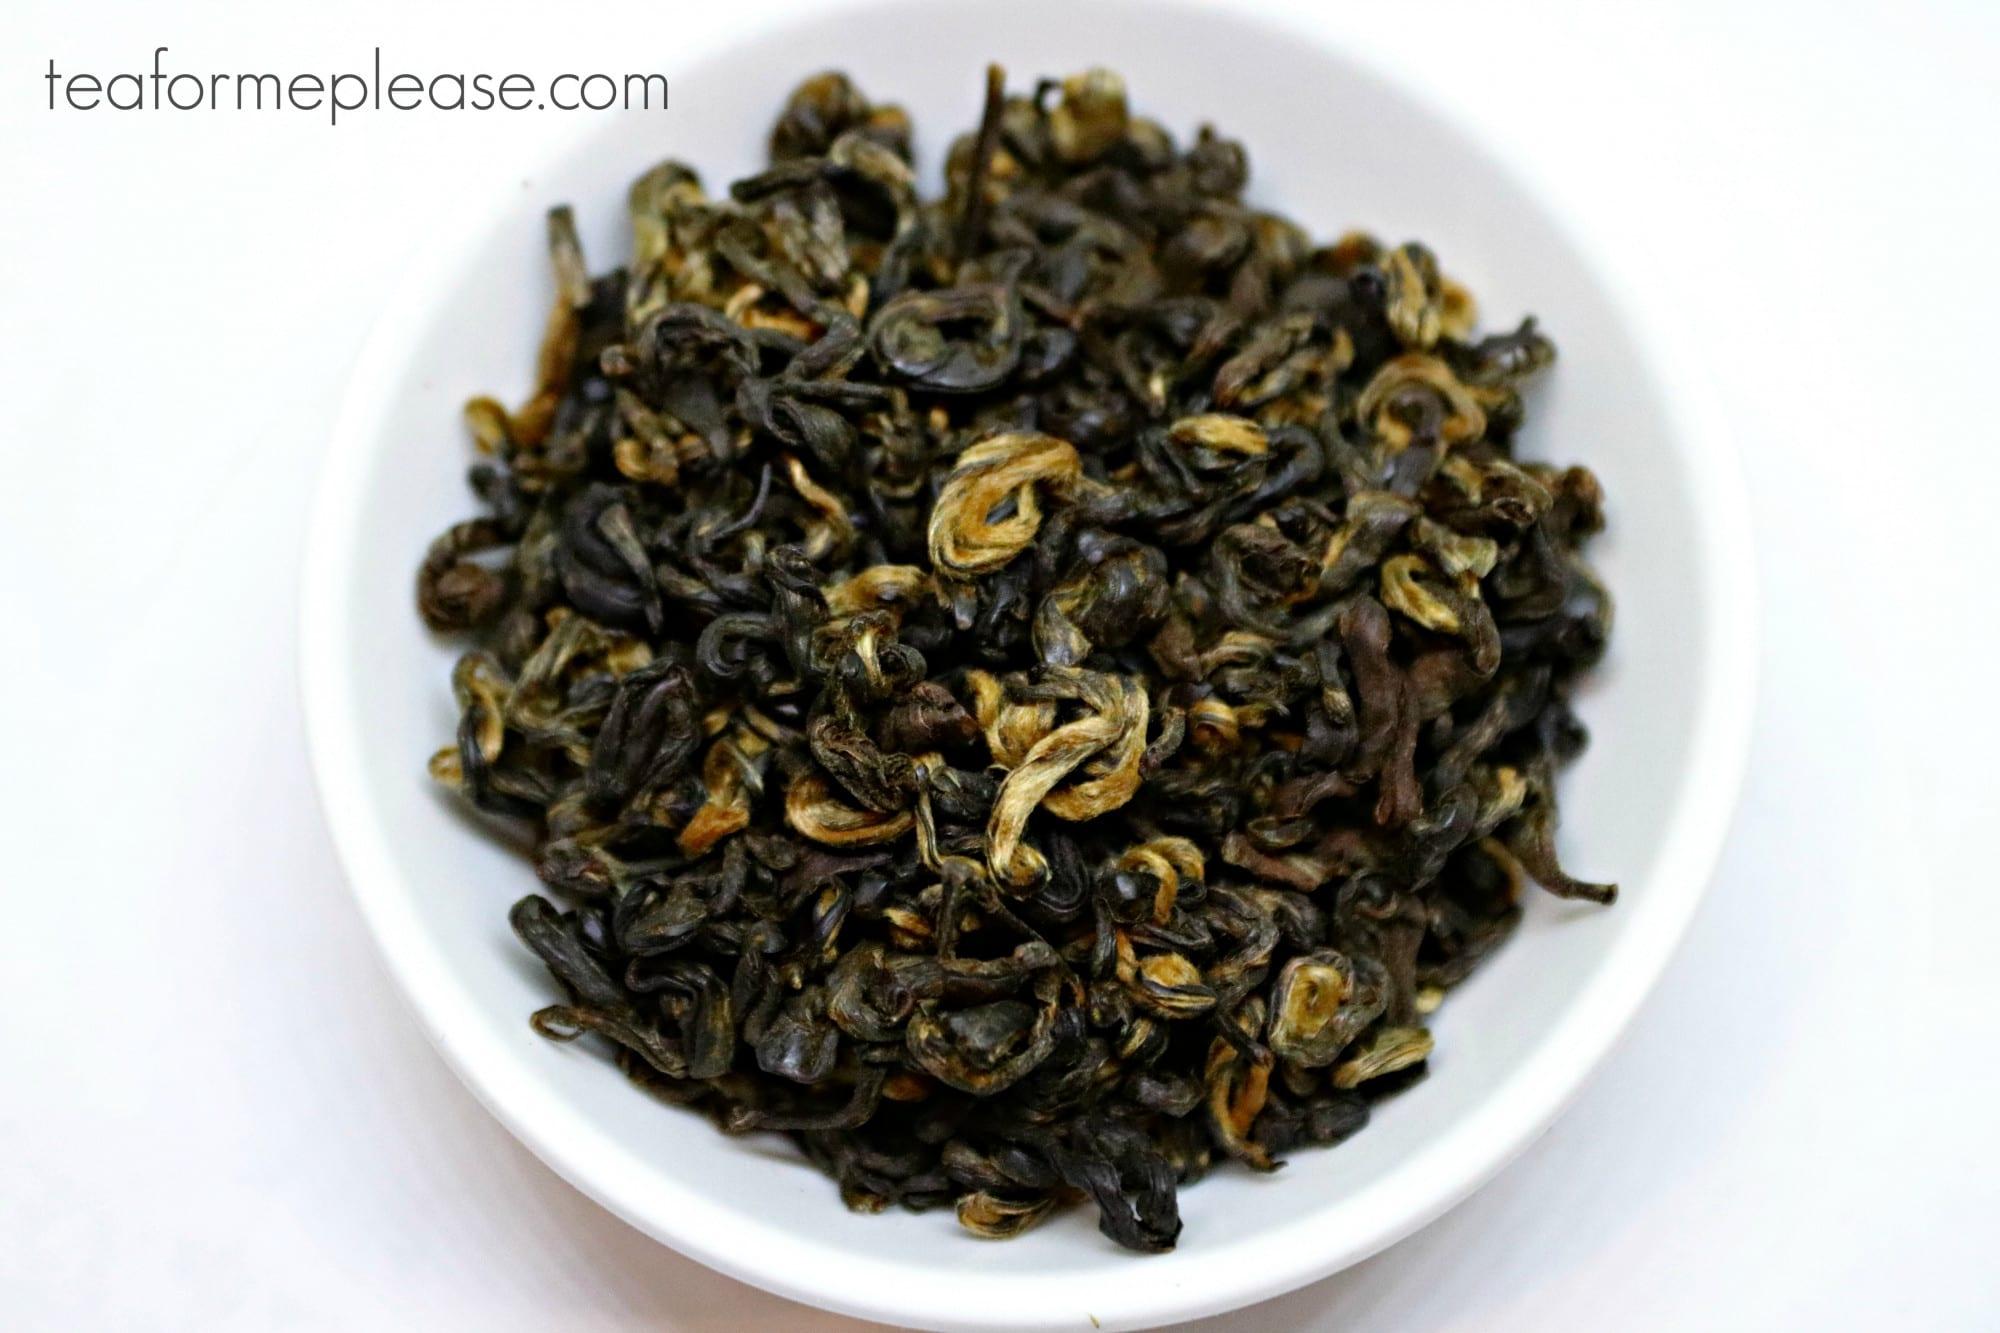 Nepali Tea Traders Khumbu Black Tea